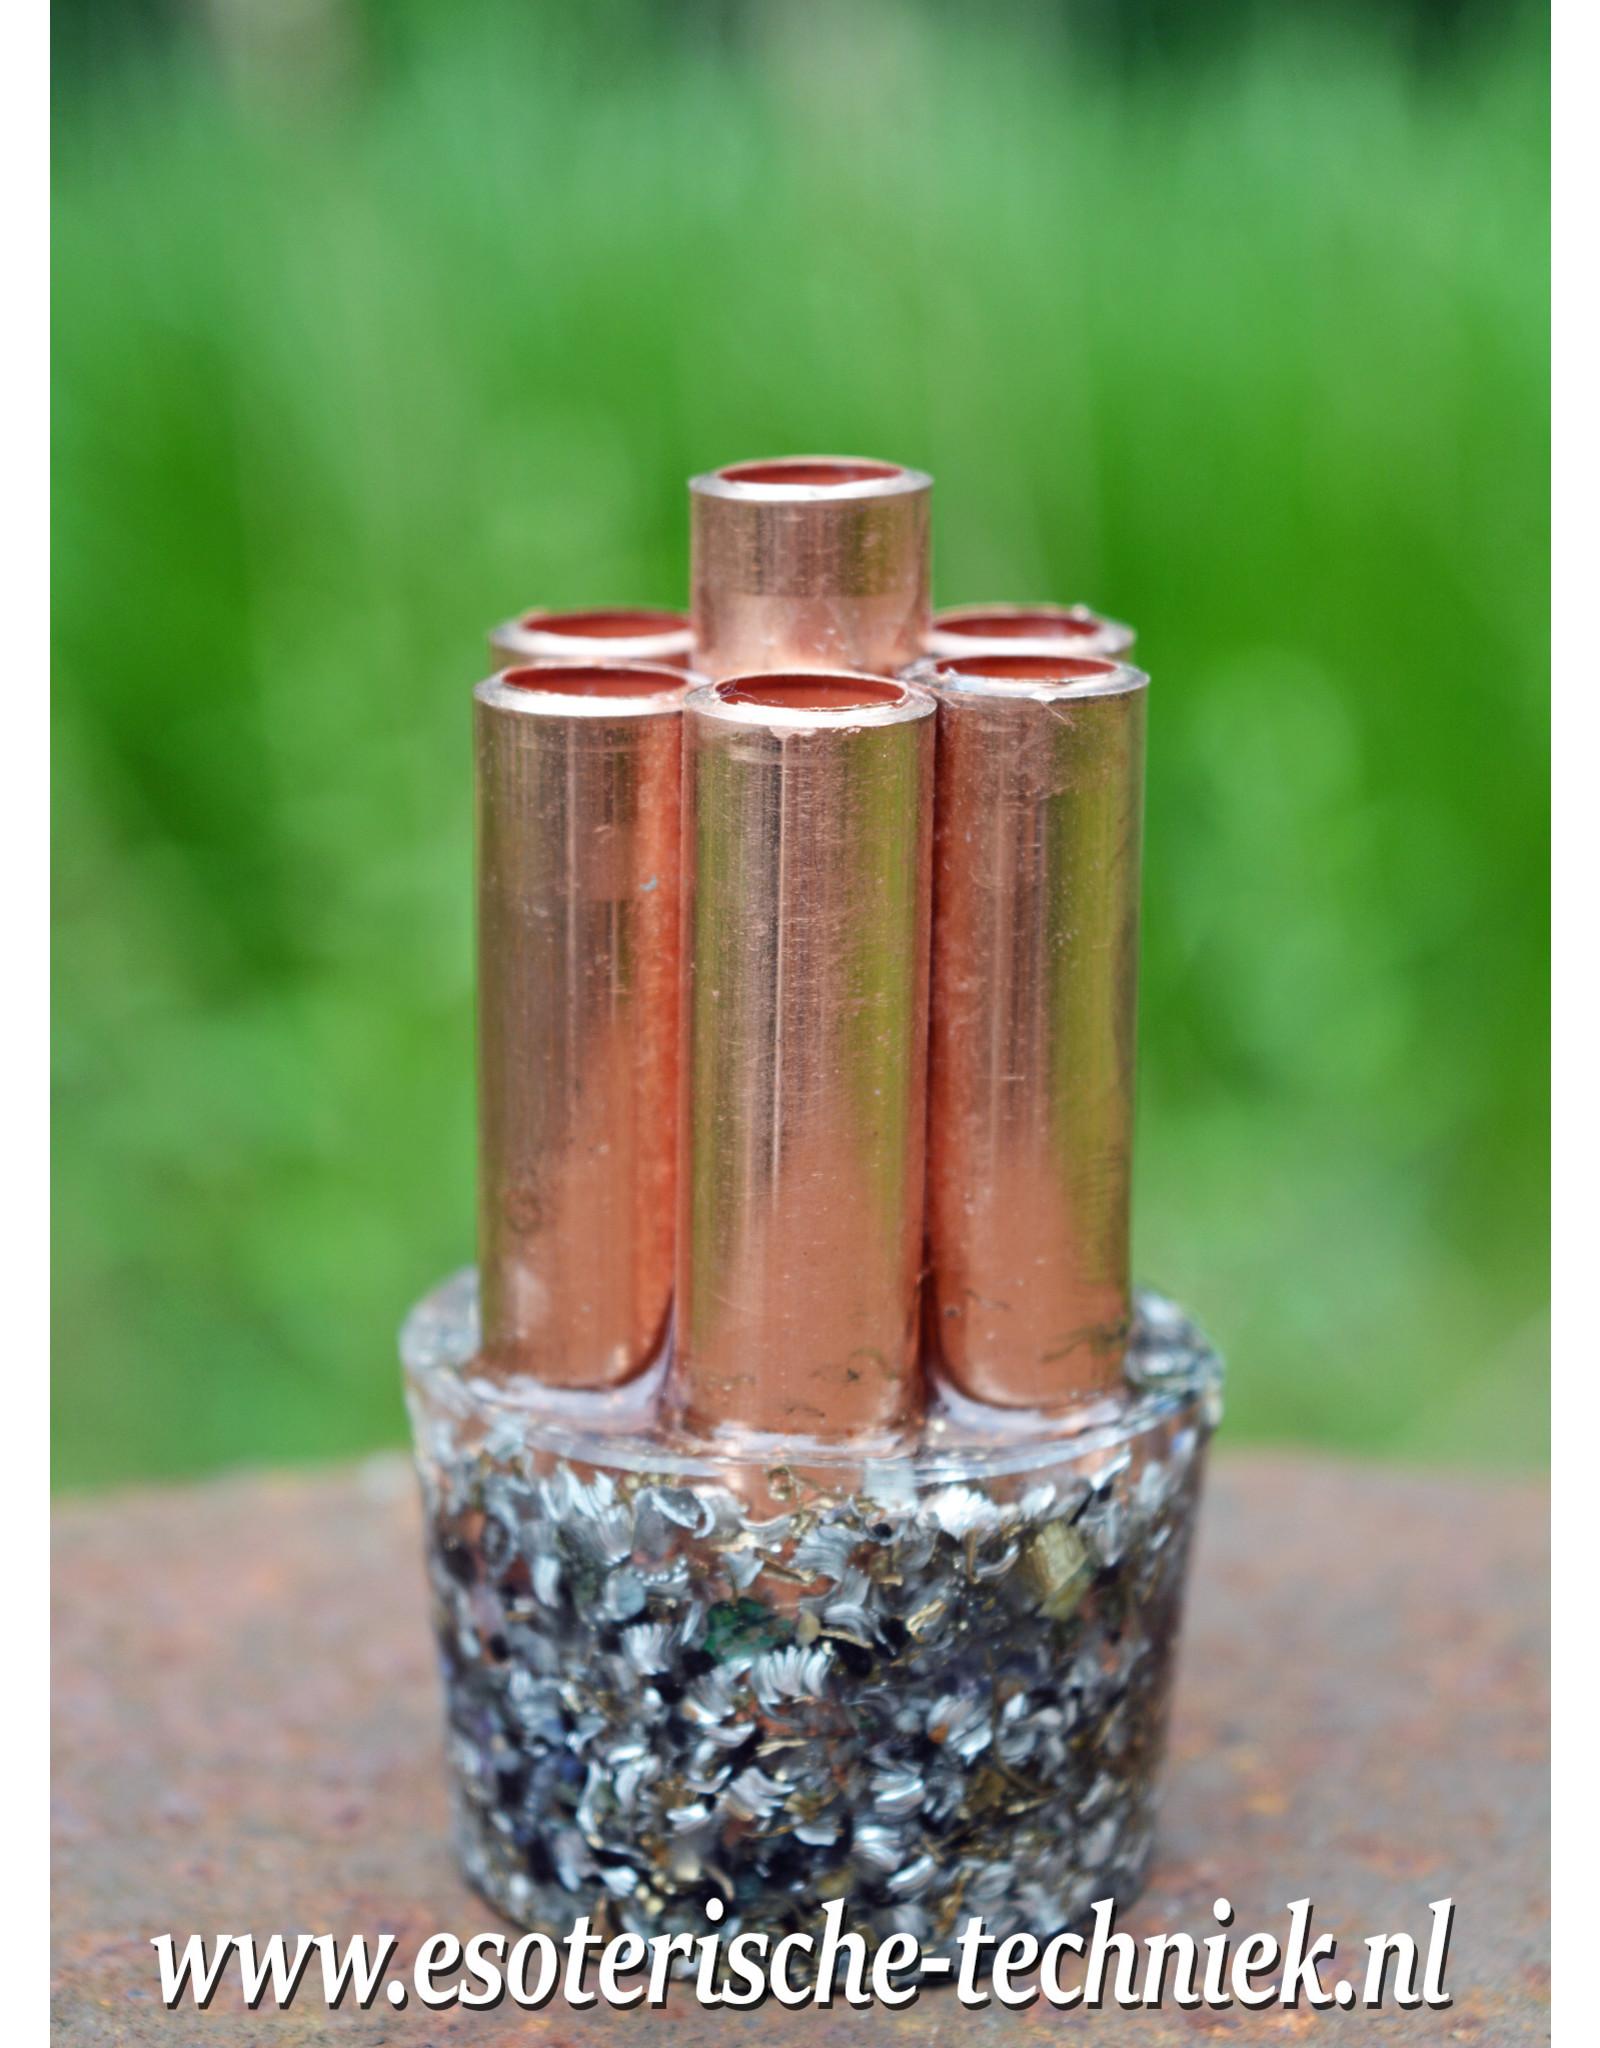 Chembuster shungite handformaat voor in de tas, auto en bij stralingsbronnen.